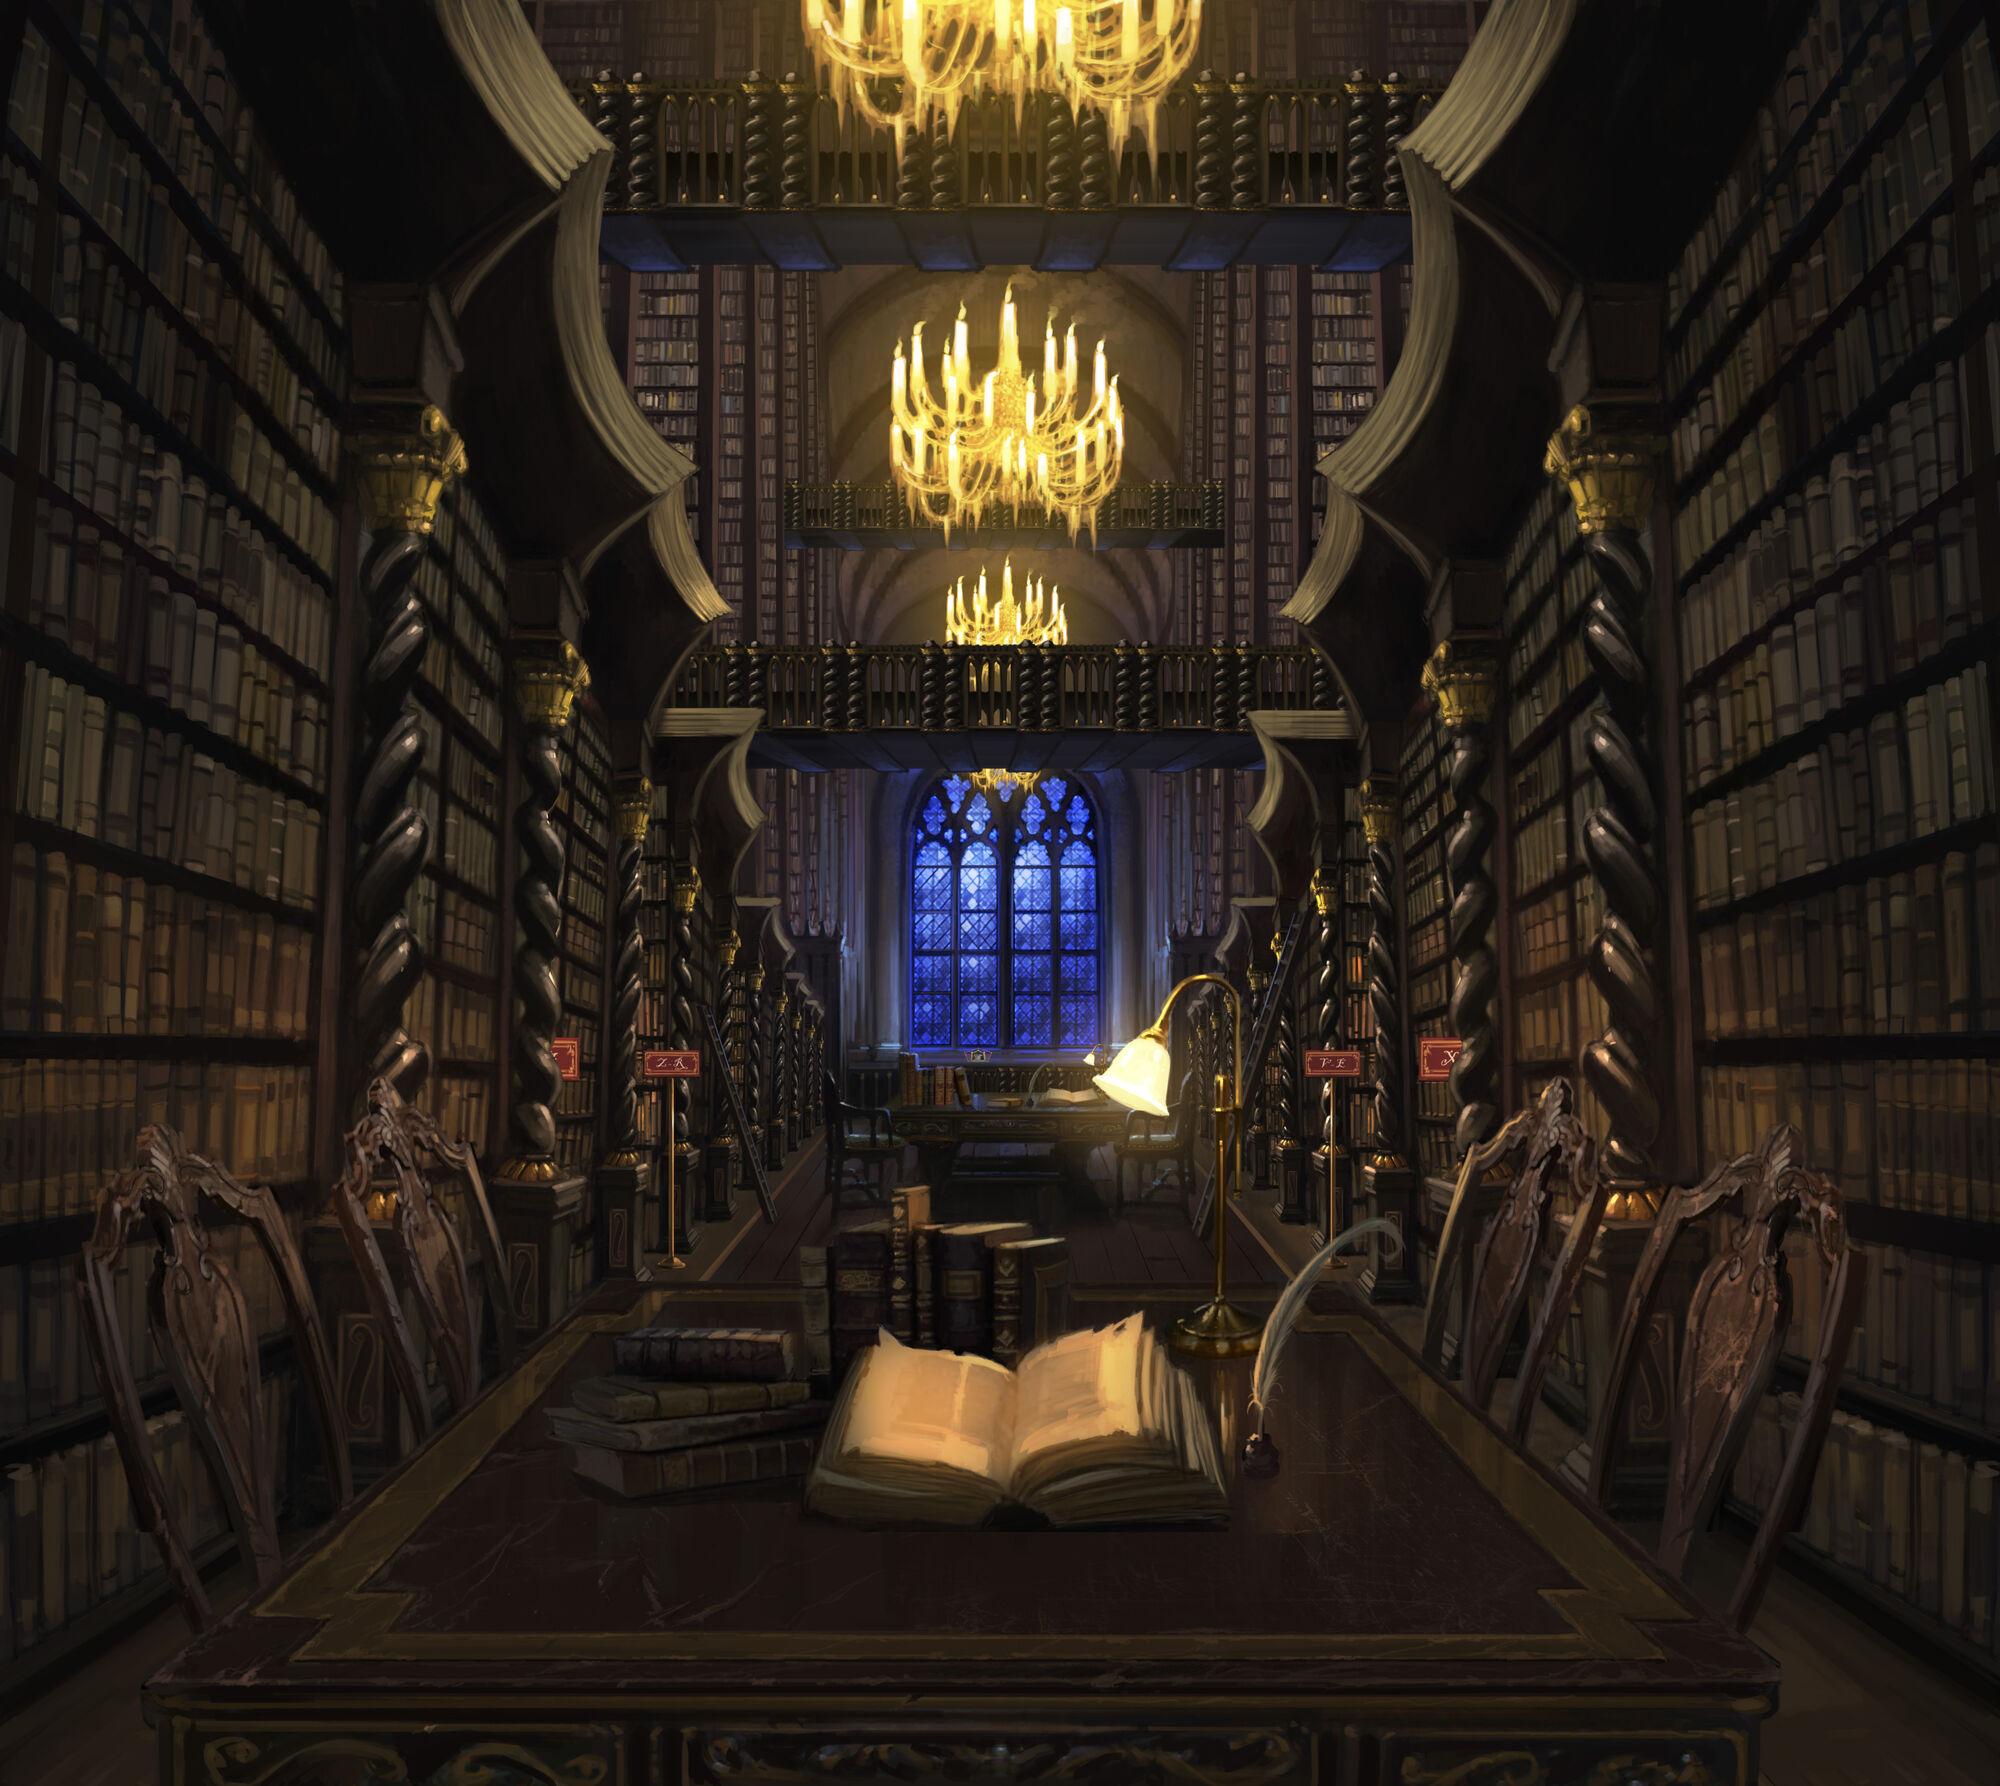 哈利波特与混血王子_霍格沃茨图书馆 | 哈利·波特维基 | FANDOM powered by Wikia